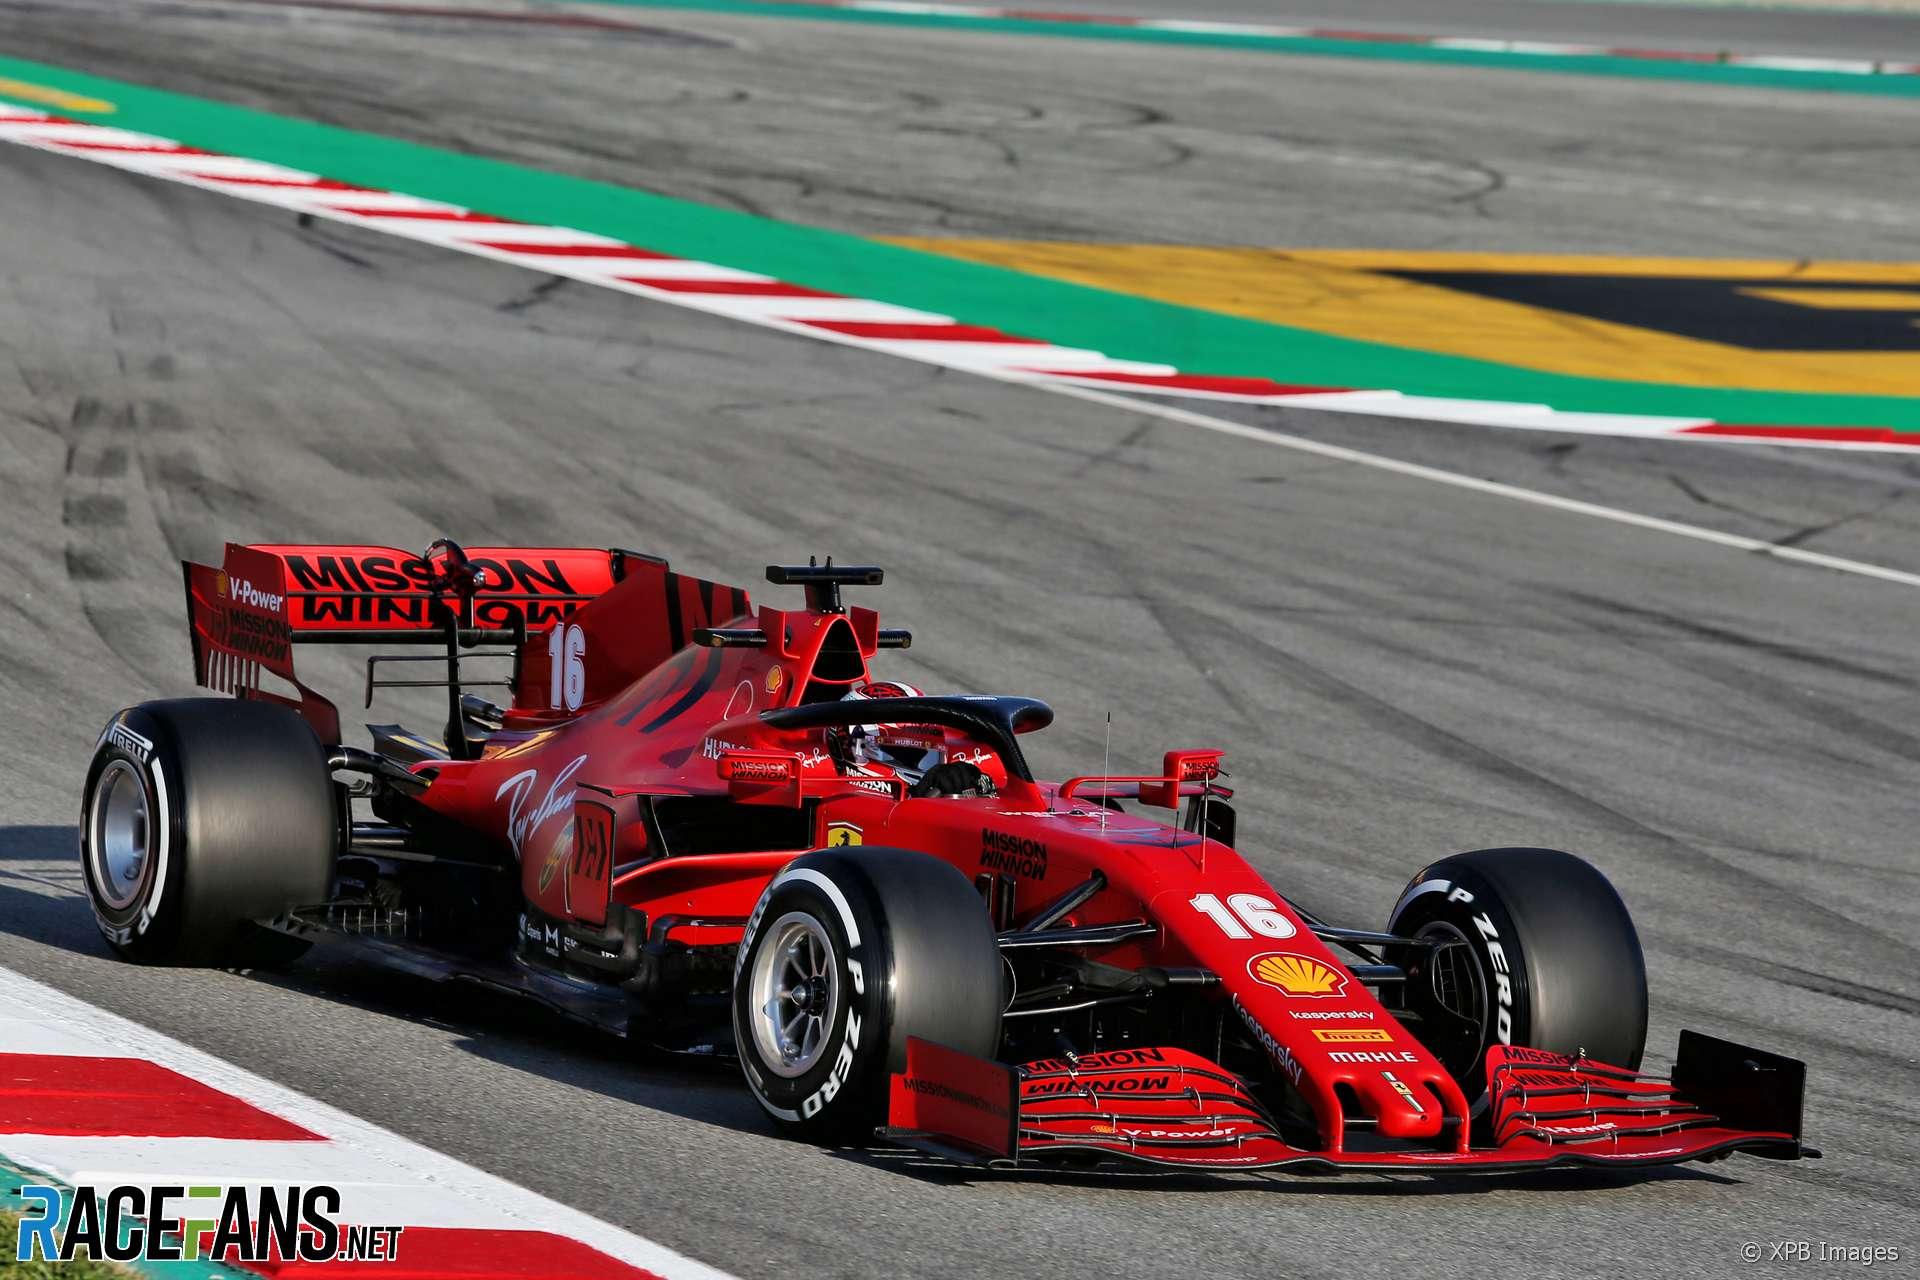 racefansdotnet-20200219-122844-7.jpg